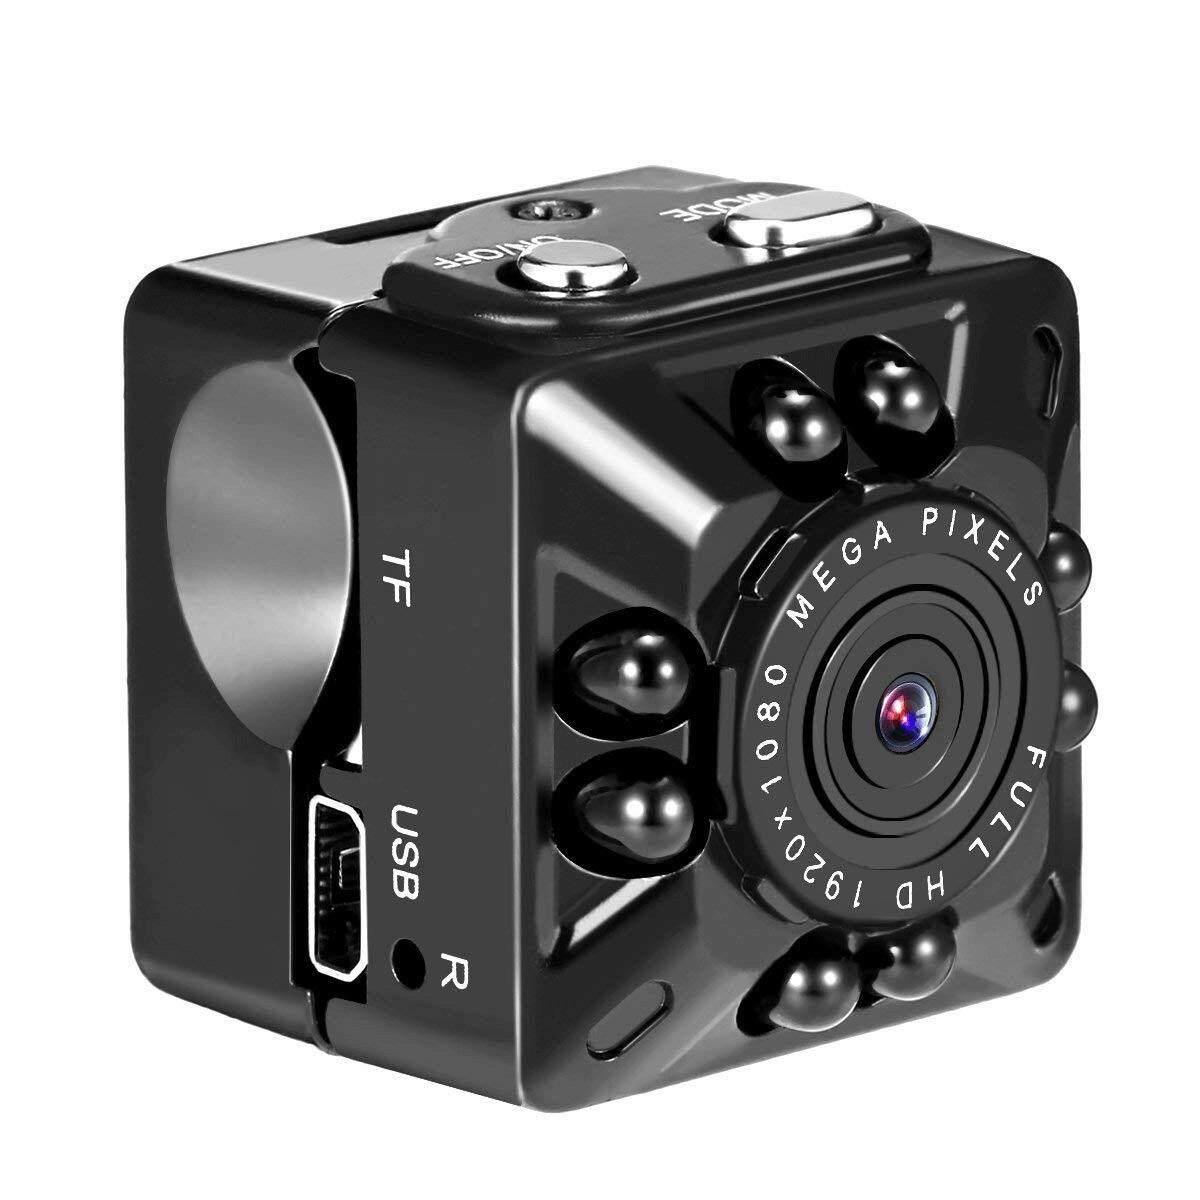 Rd กล้องวงจรปิด Full Hd 1080 จุดการตรวจจับการเคลื่อนไหวเครื่องบันทึกวิดีโอภาพกลางคืน By Redcolourful.